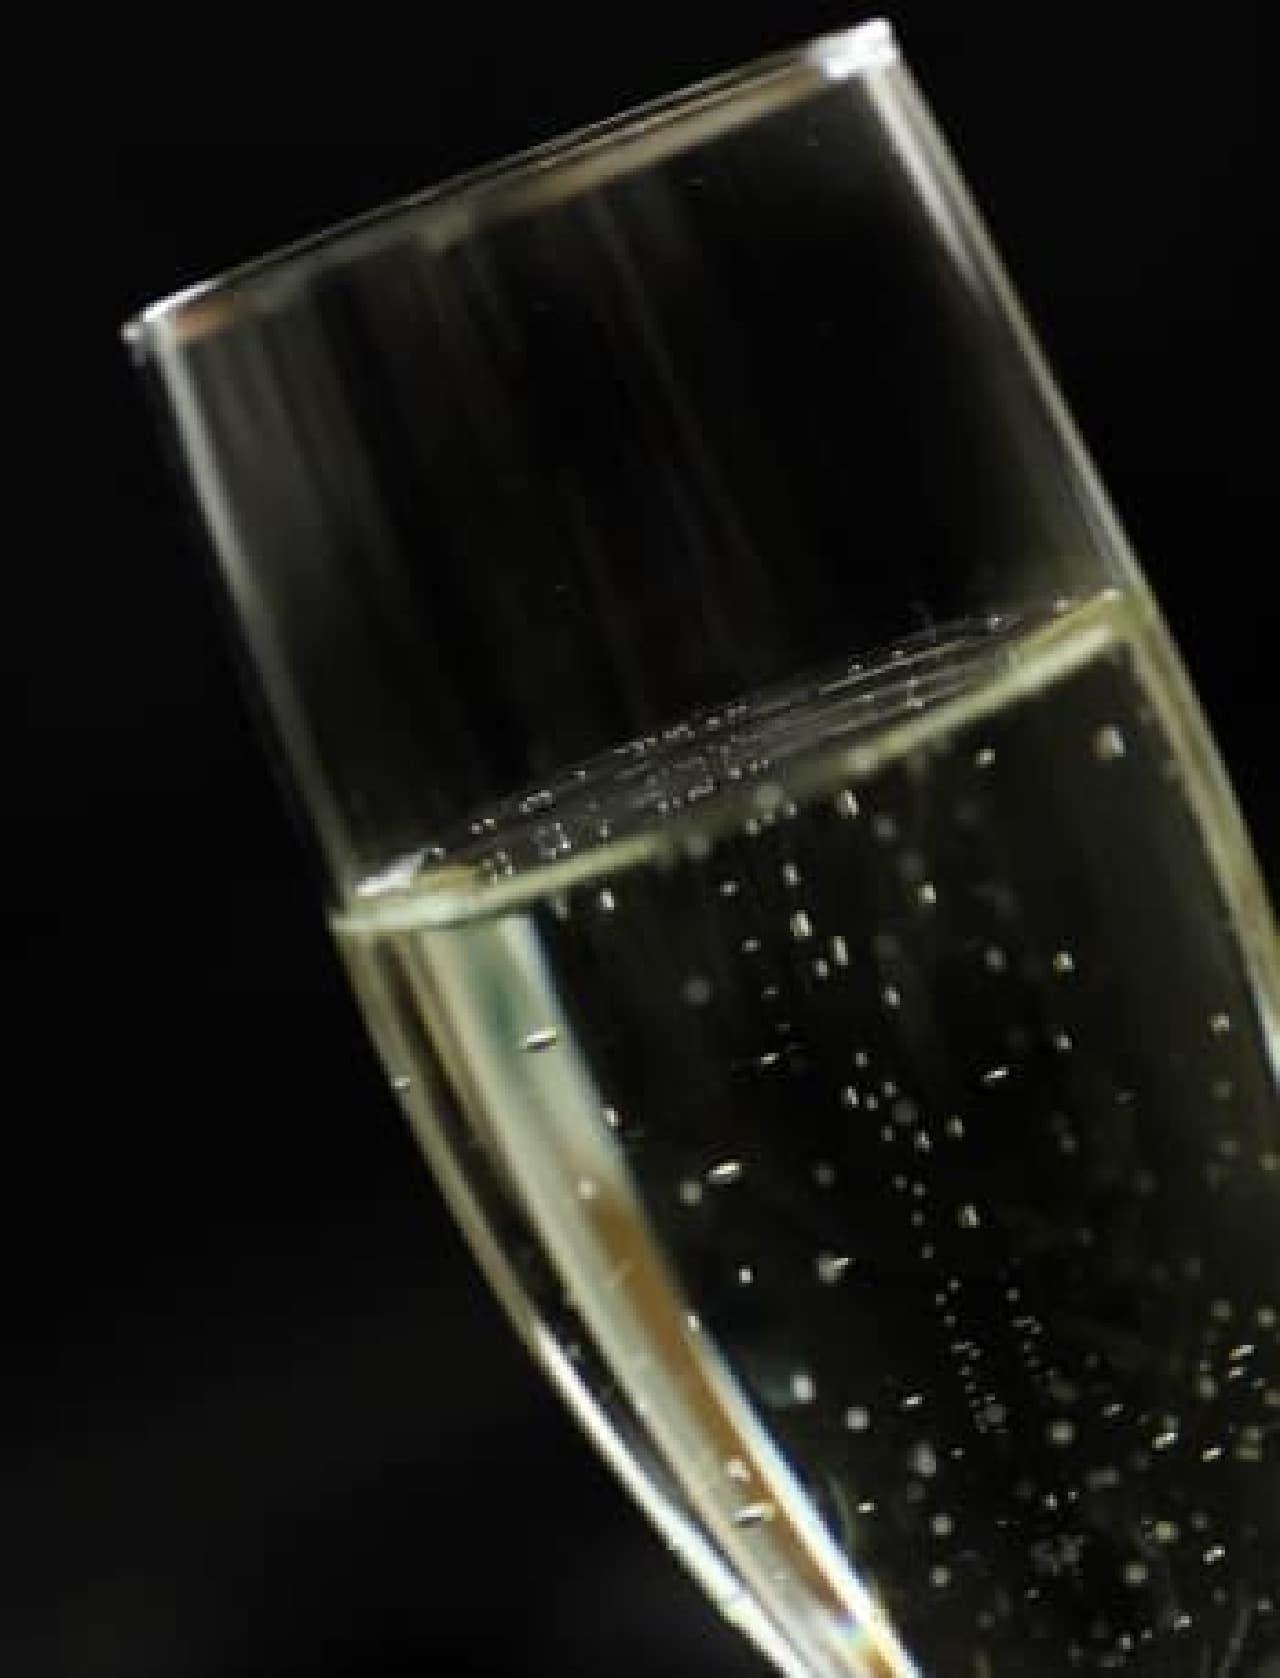 シャンパン、奥が深いなぁ